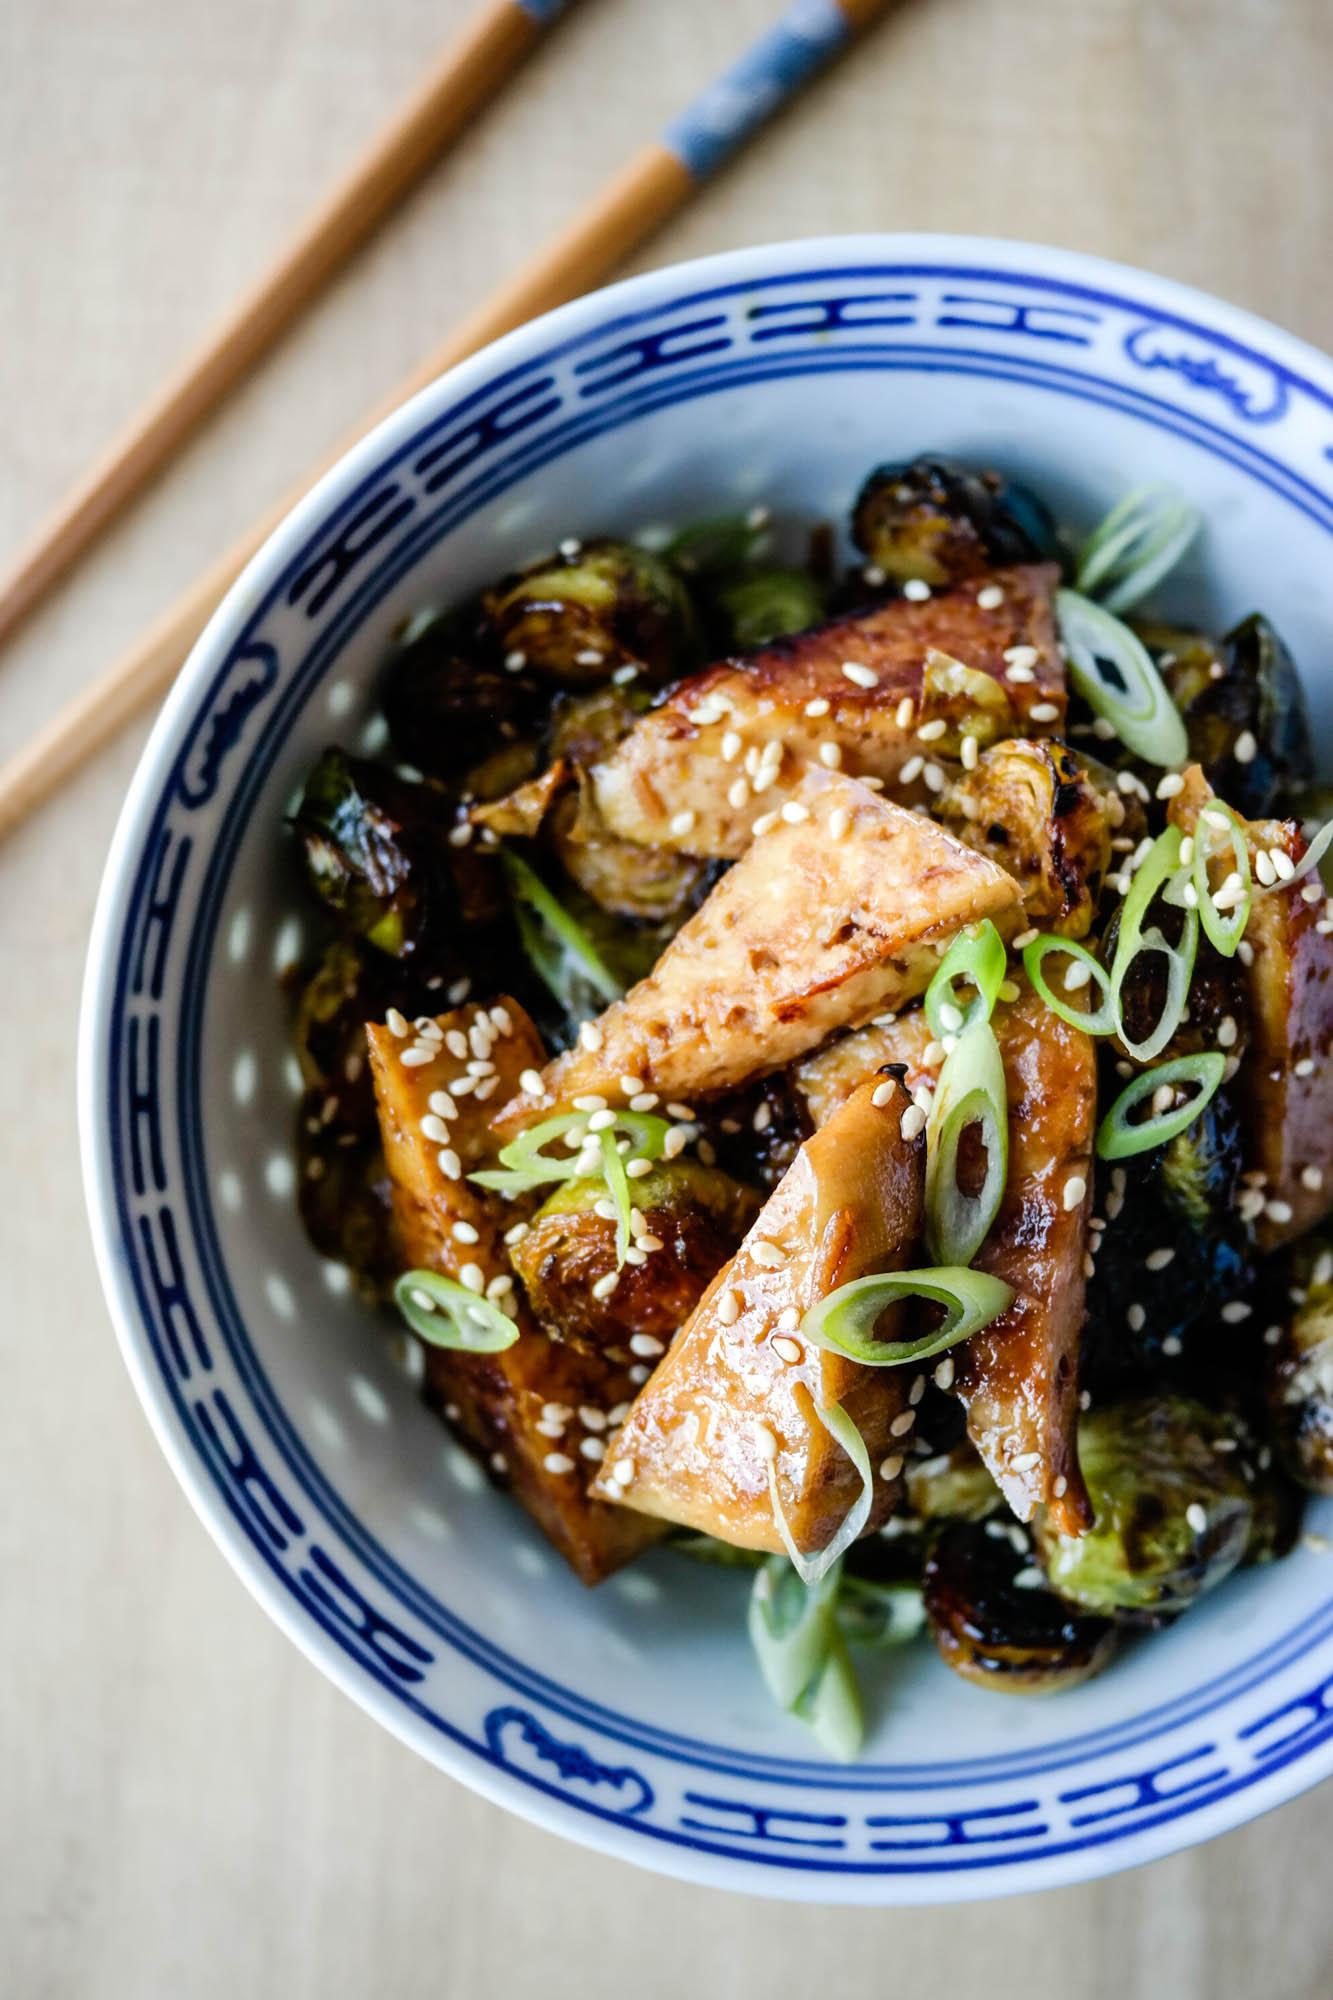 Tofu og rosenkål er kanskje en usannsynlig kombo, men god - jaggu, det er den!